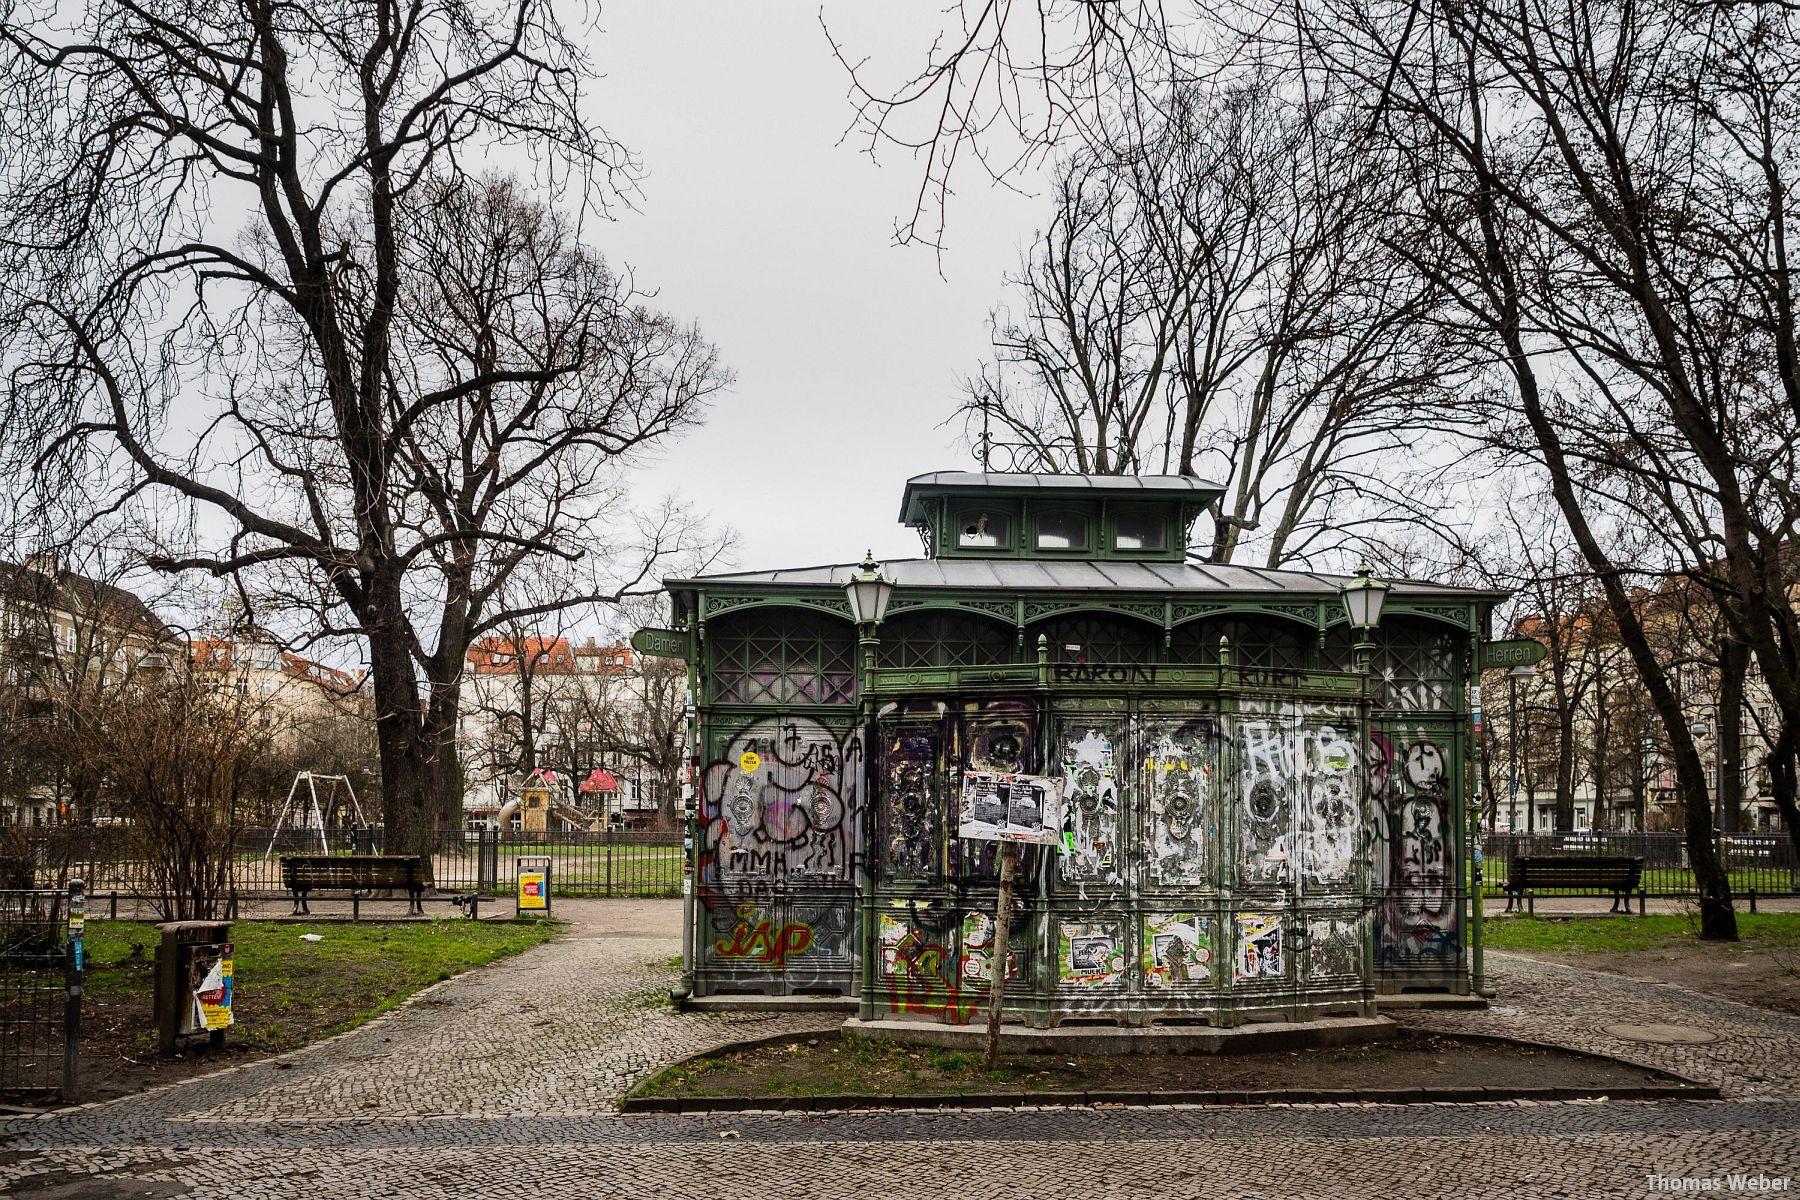 Fotograf Thomas Weber aus Oldenburg: Eine öffentliche Toilette in Berlin